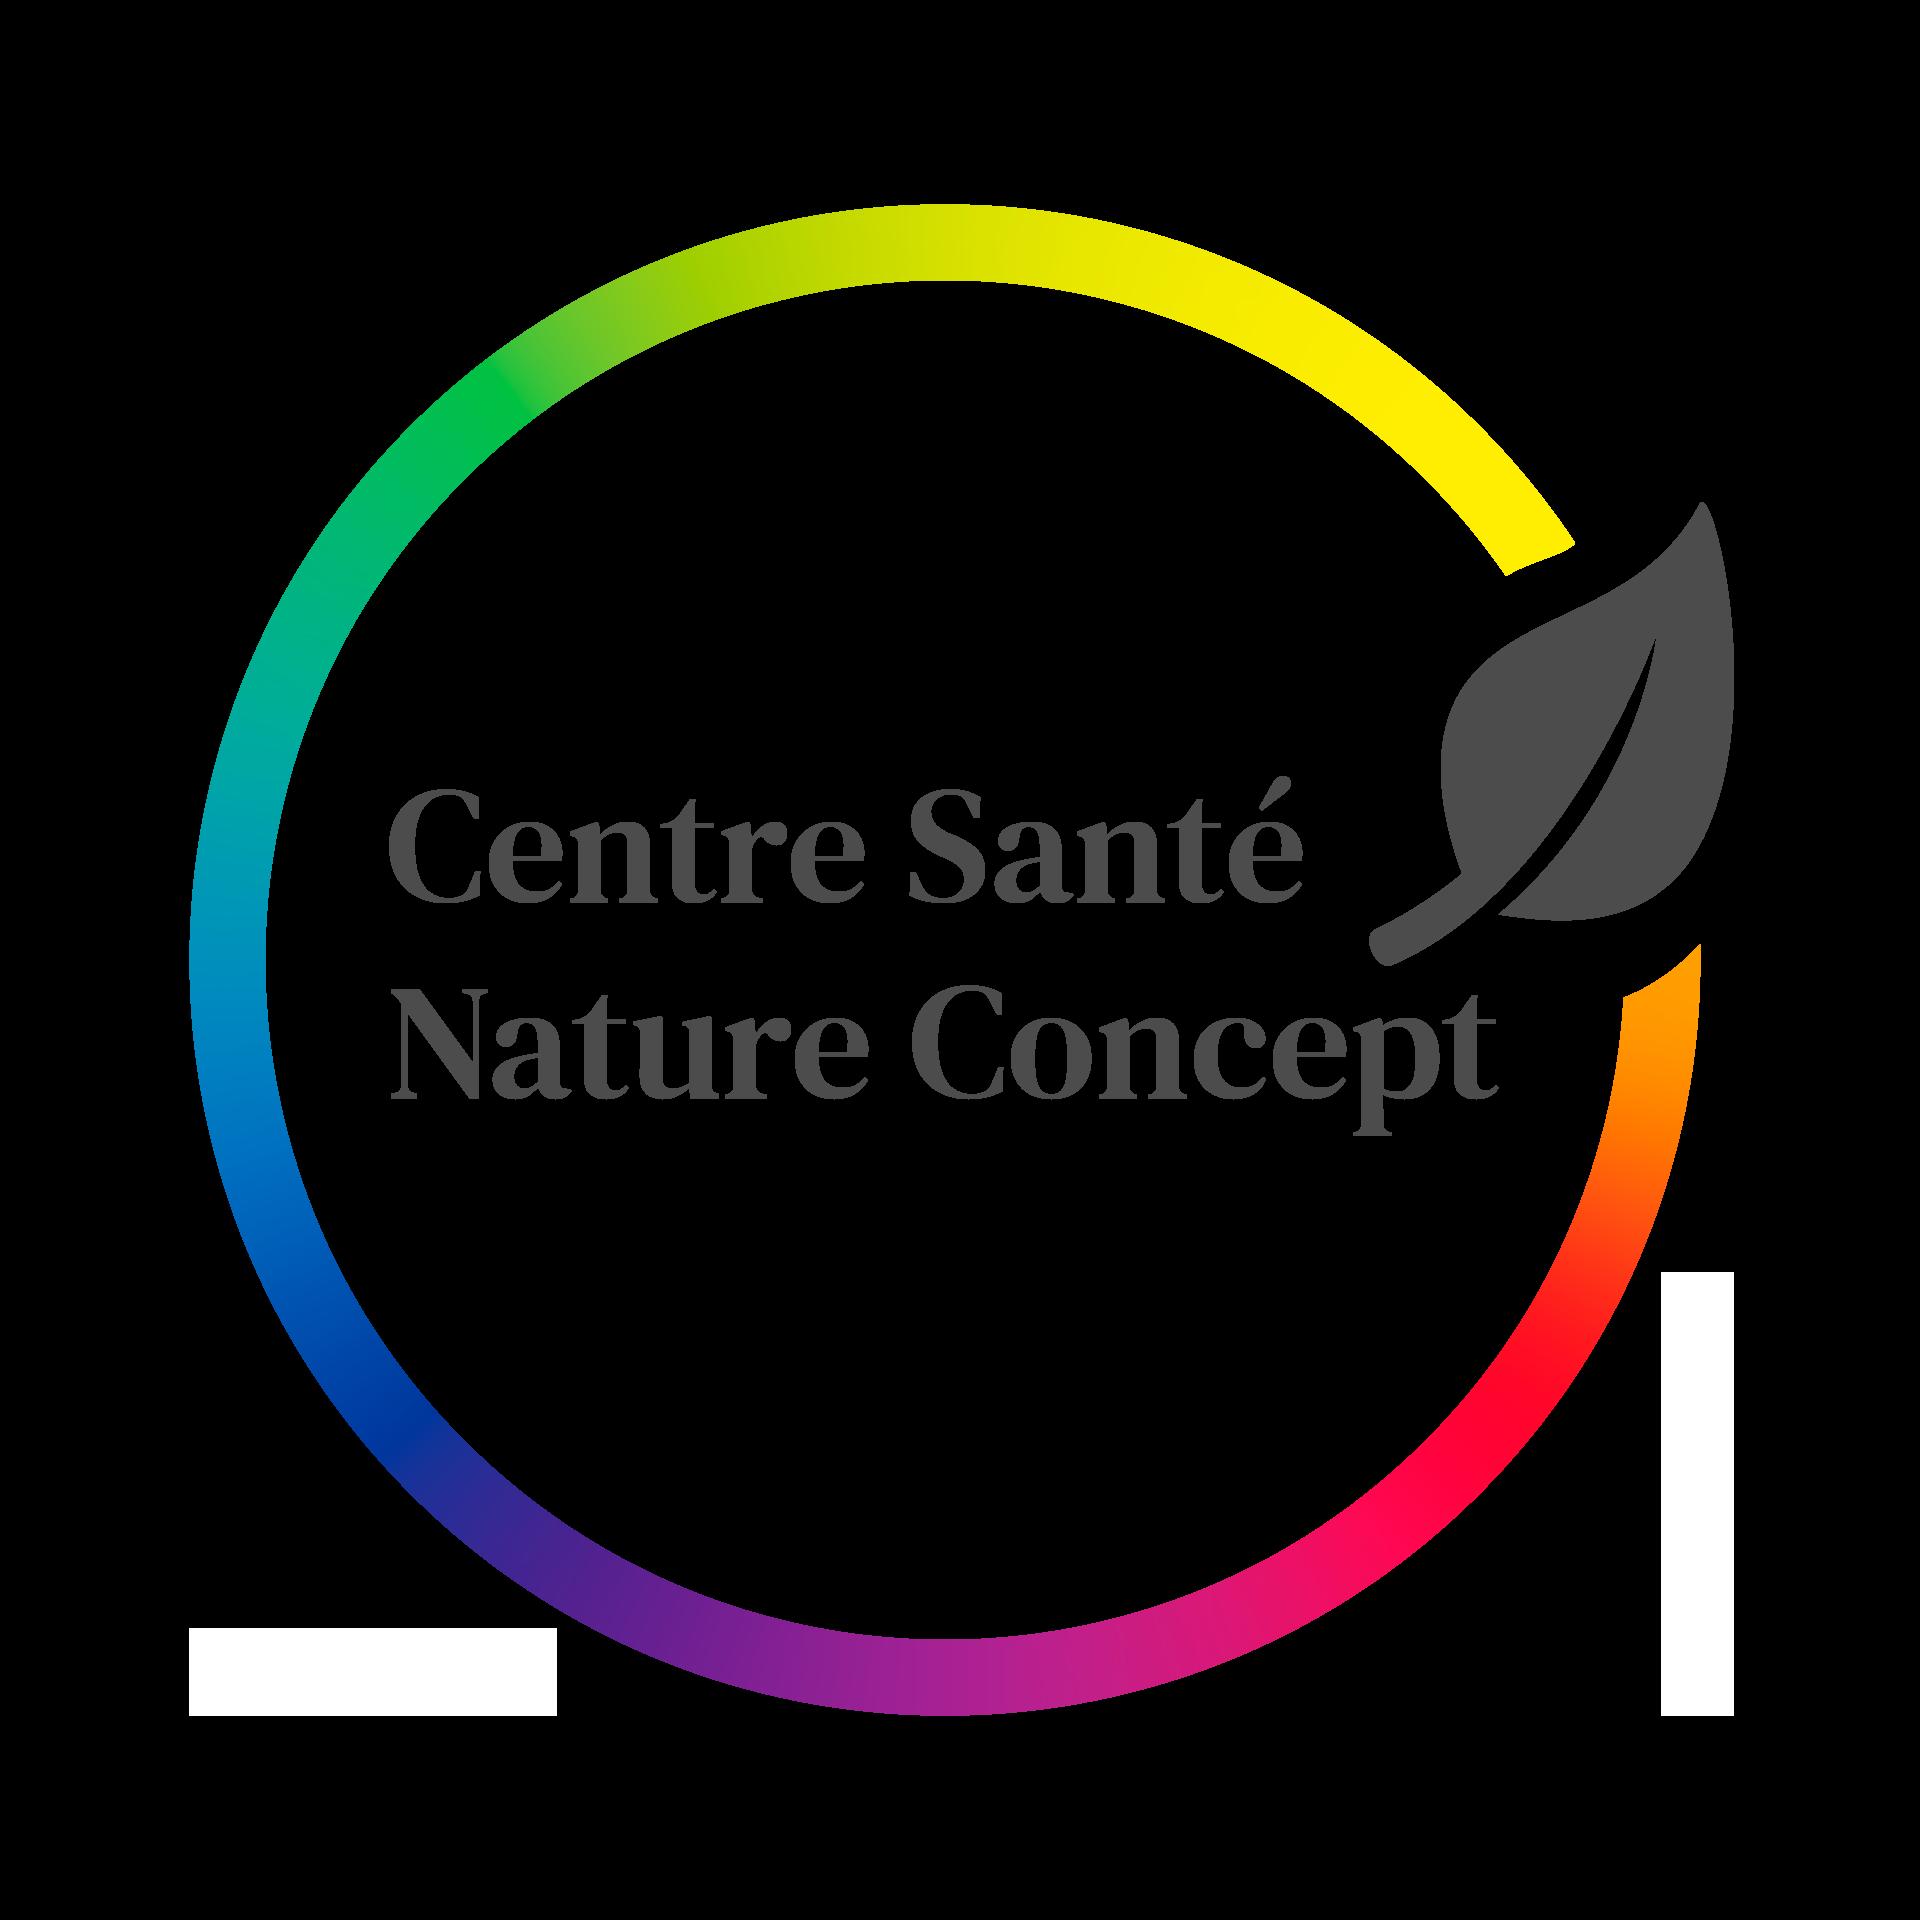 Centre Santé Nature Concept